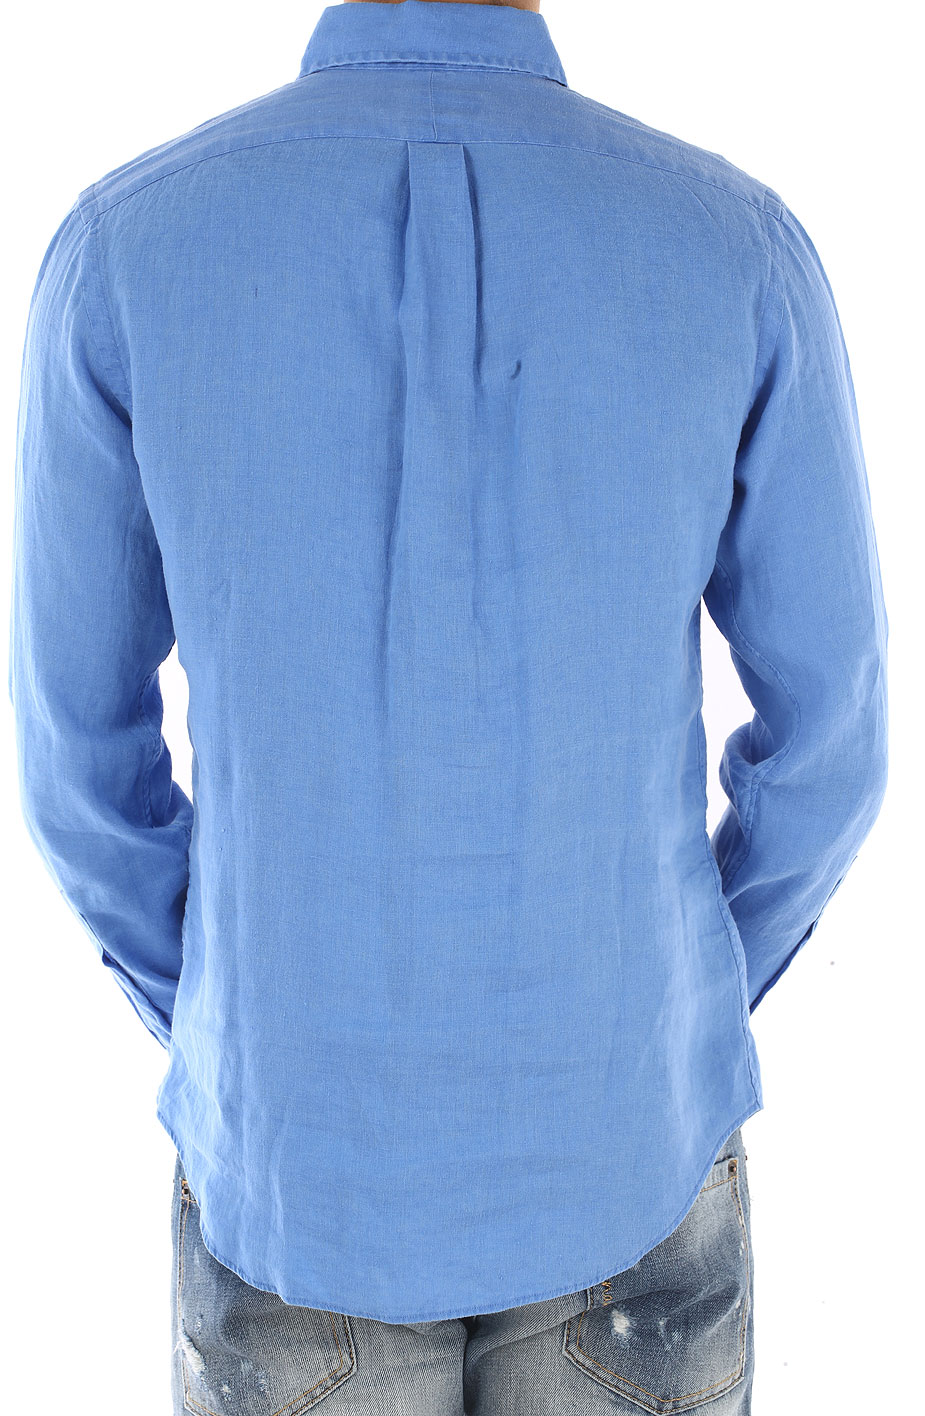 Abbigliamento Uomo Ralph Lauren, Codice Articolo: xz7hsxy7gn-xw777-